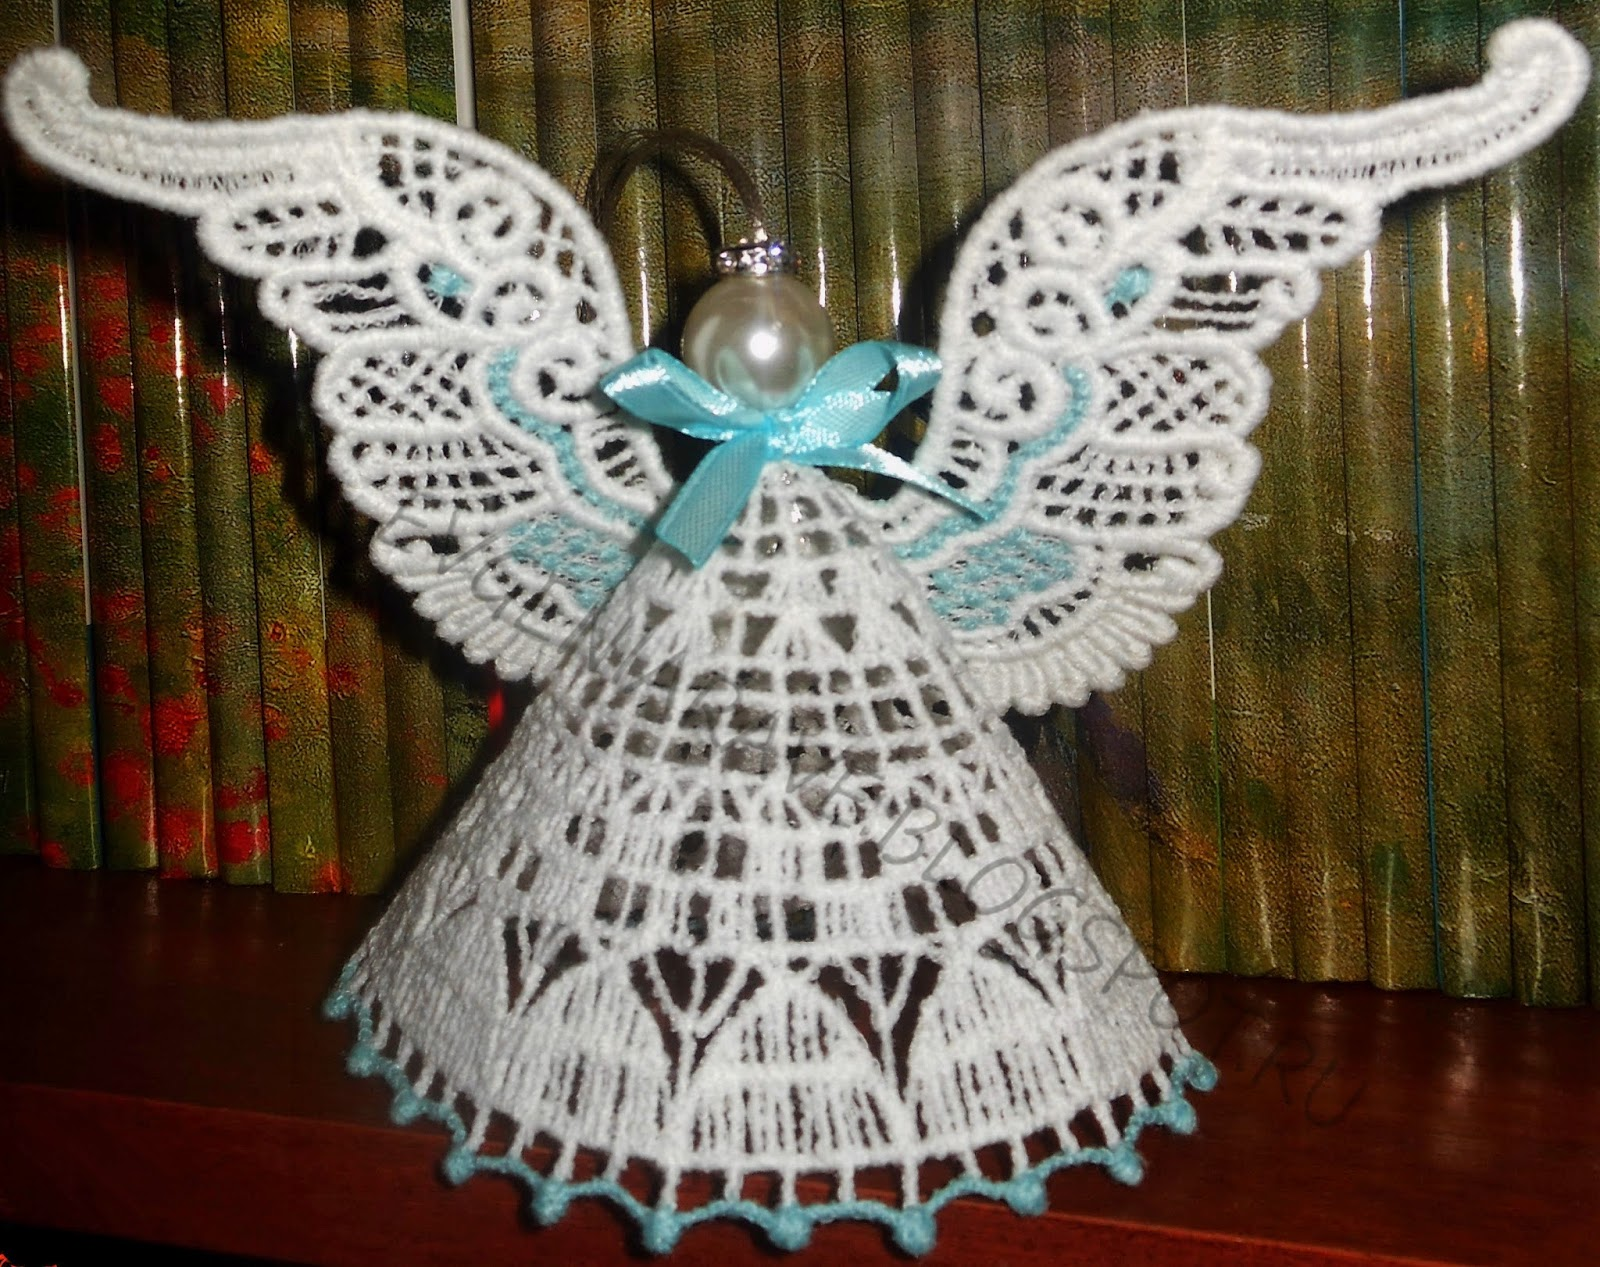 ангел, ёлочное украшение, сувенир на рождество, рождественский ангел, красивый подарок